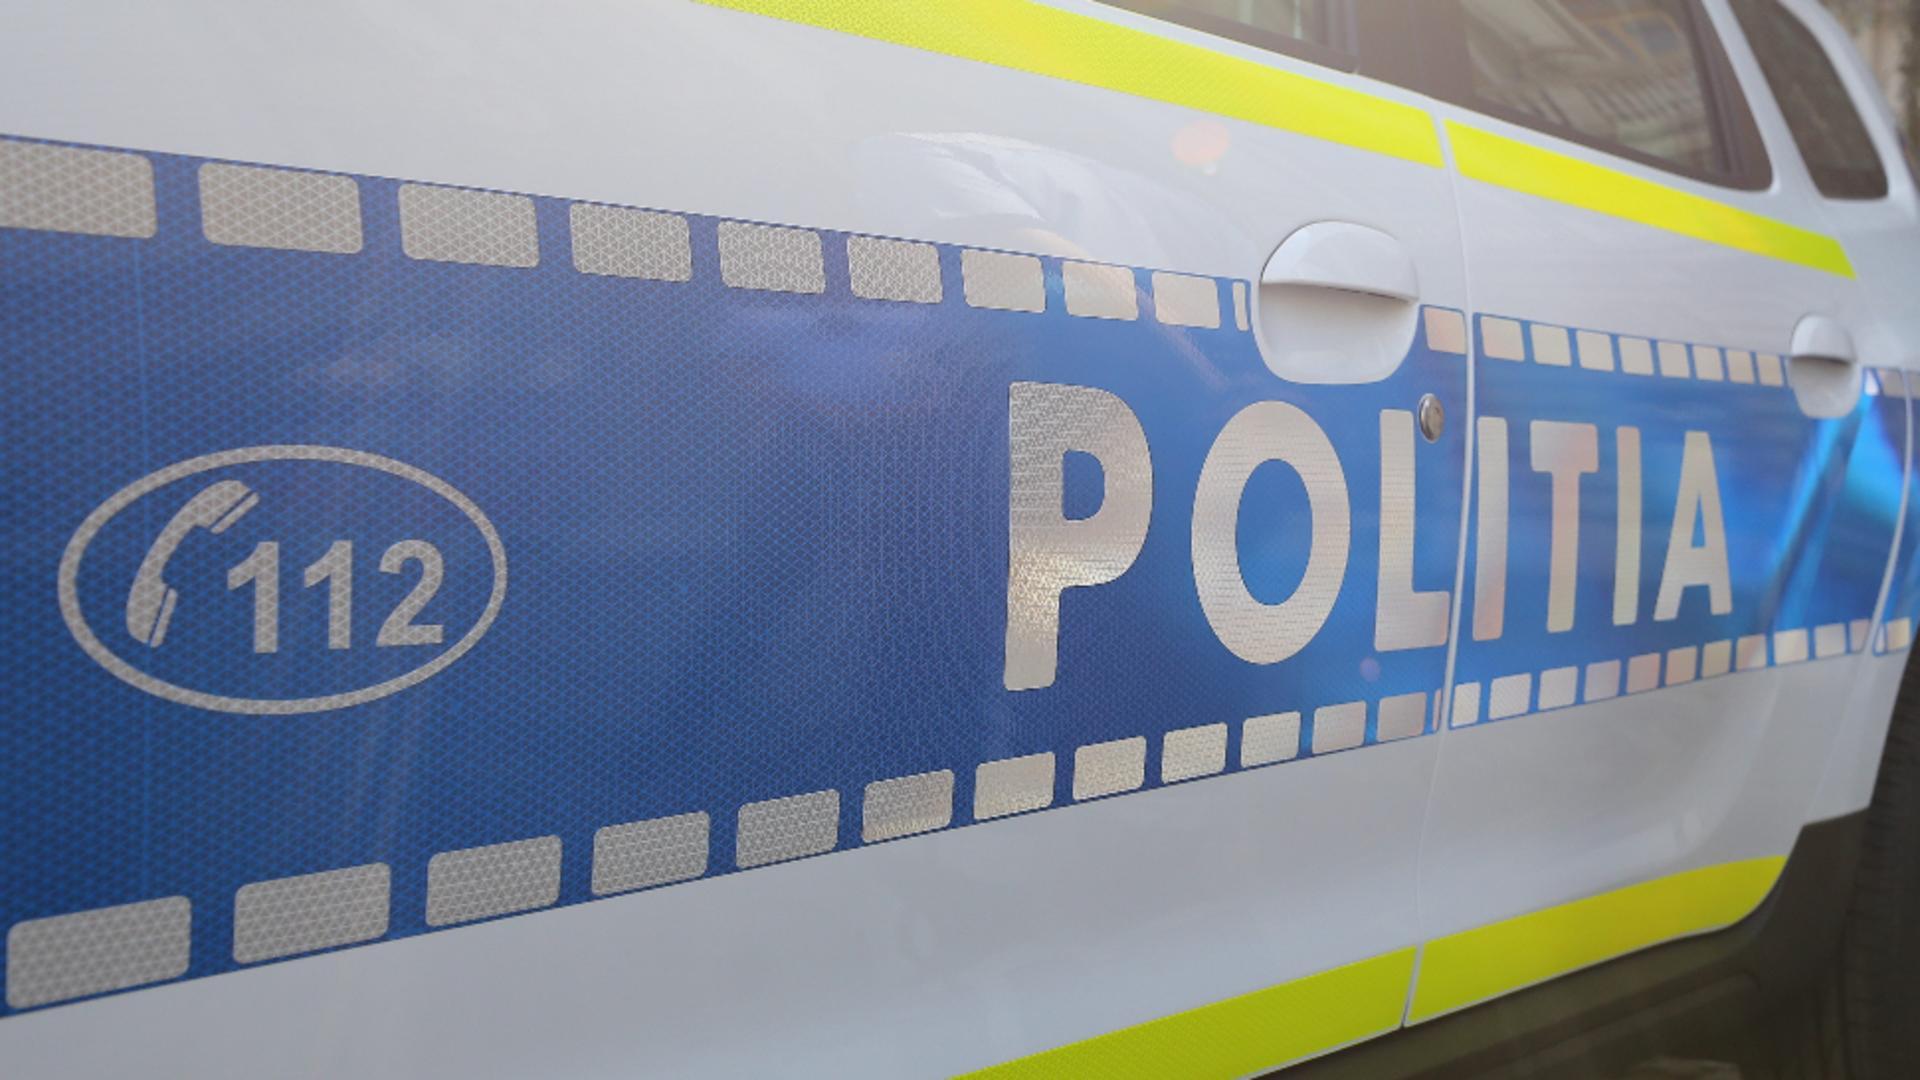 Poliția, solicitată să intervină la un caz de agresiune în Vama Veche / Foto: Inquam Photos